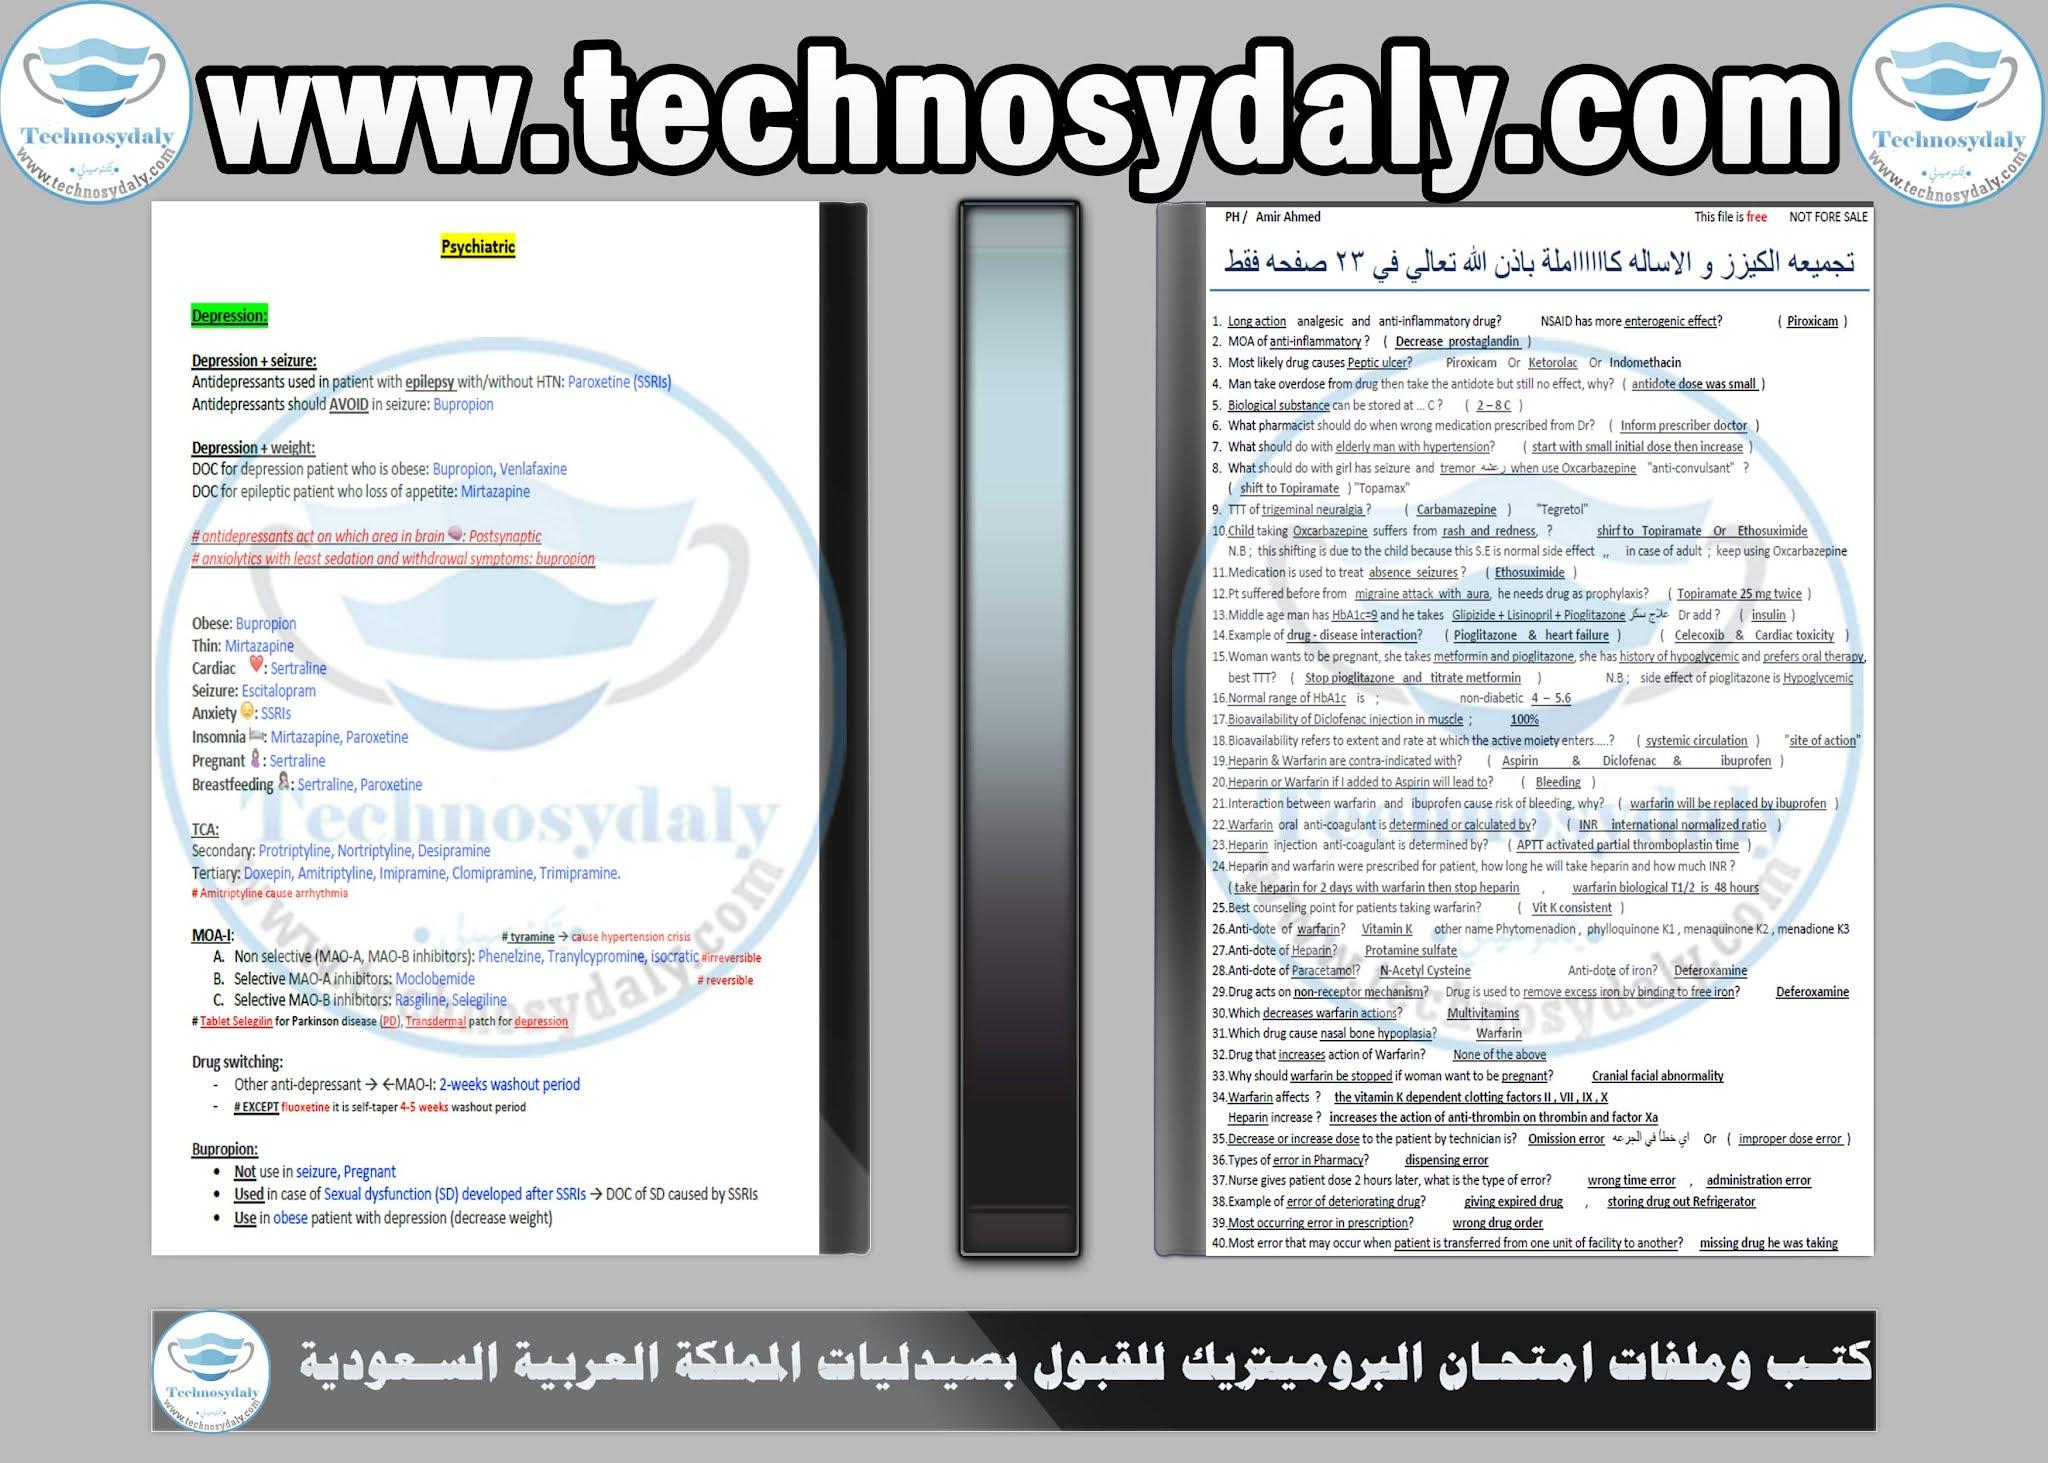 كتب وملفات امتحان البروميترك للقبول بصيدليات المملكة السعودية prometric pdf files 2021